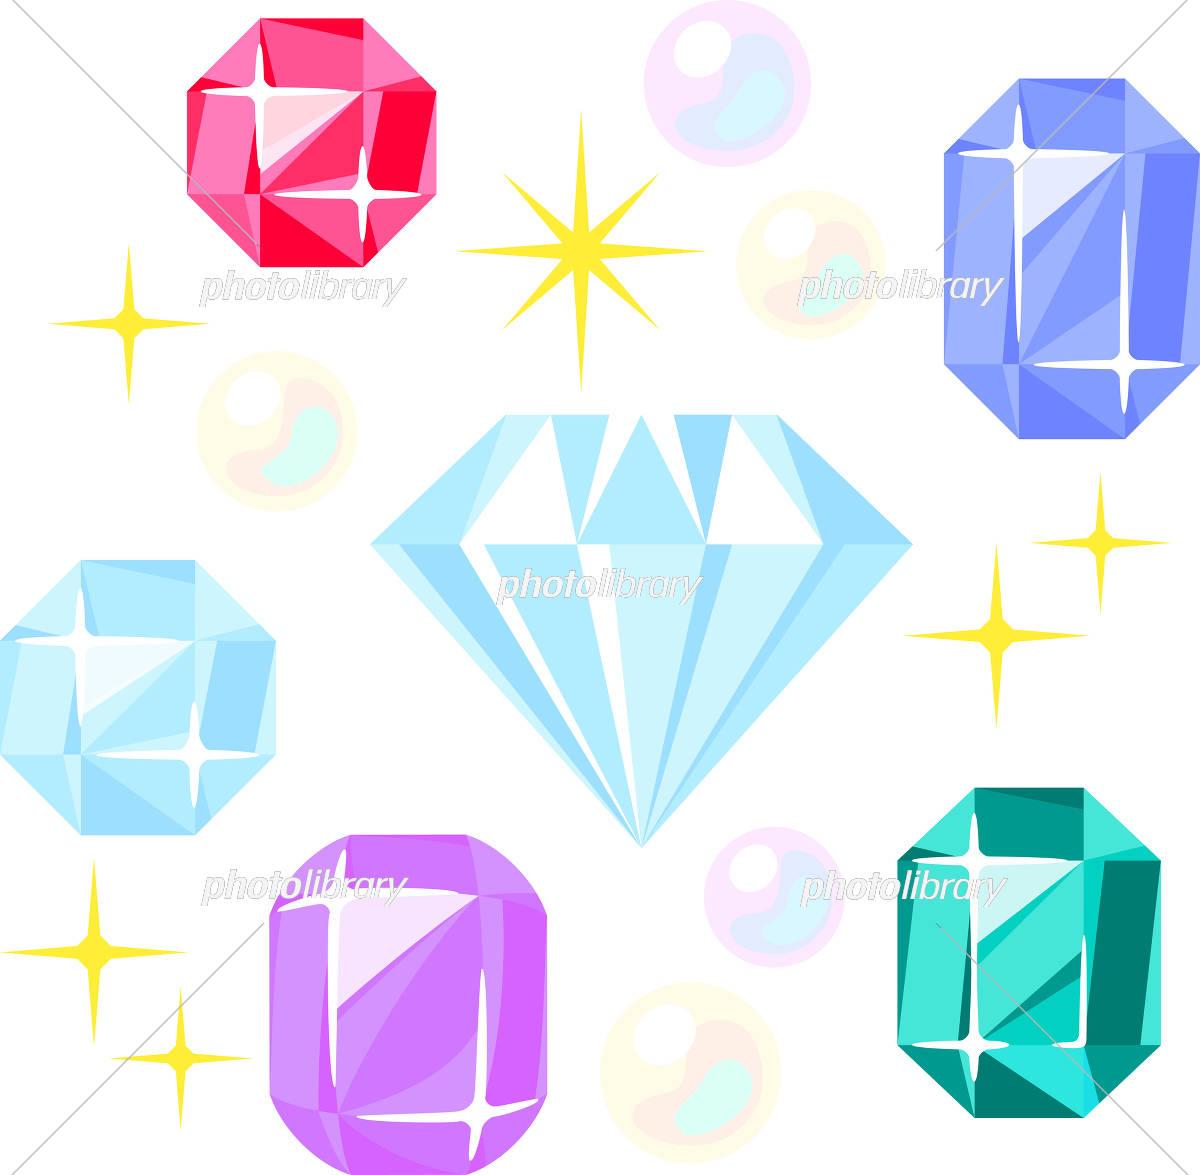 いろいろな宝石 イラスト素材 5570789 フォトライブラリー